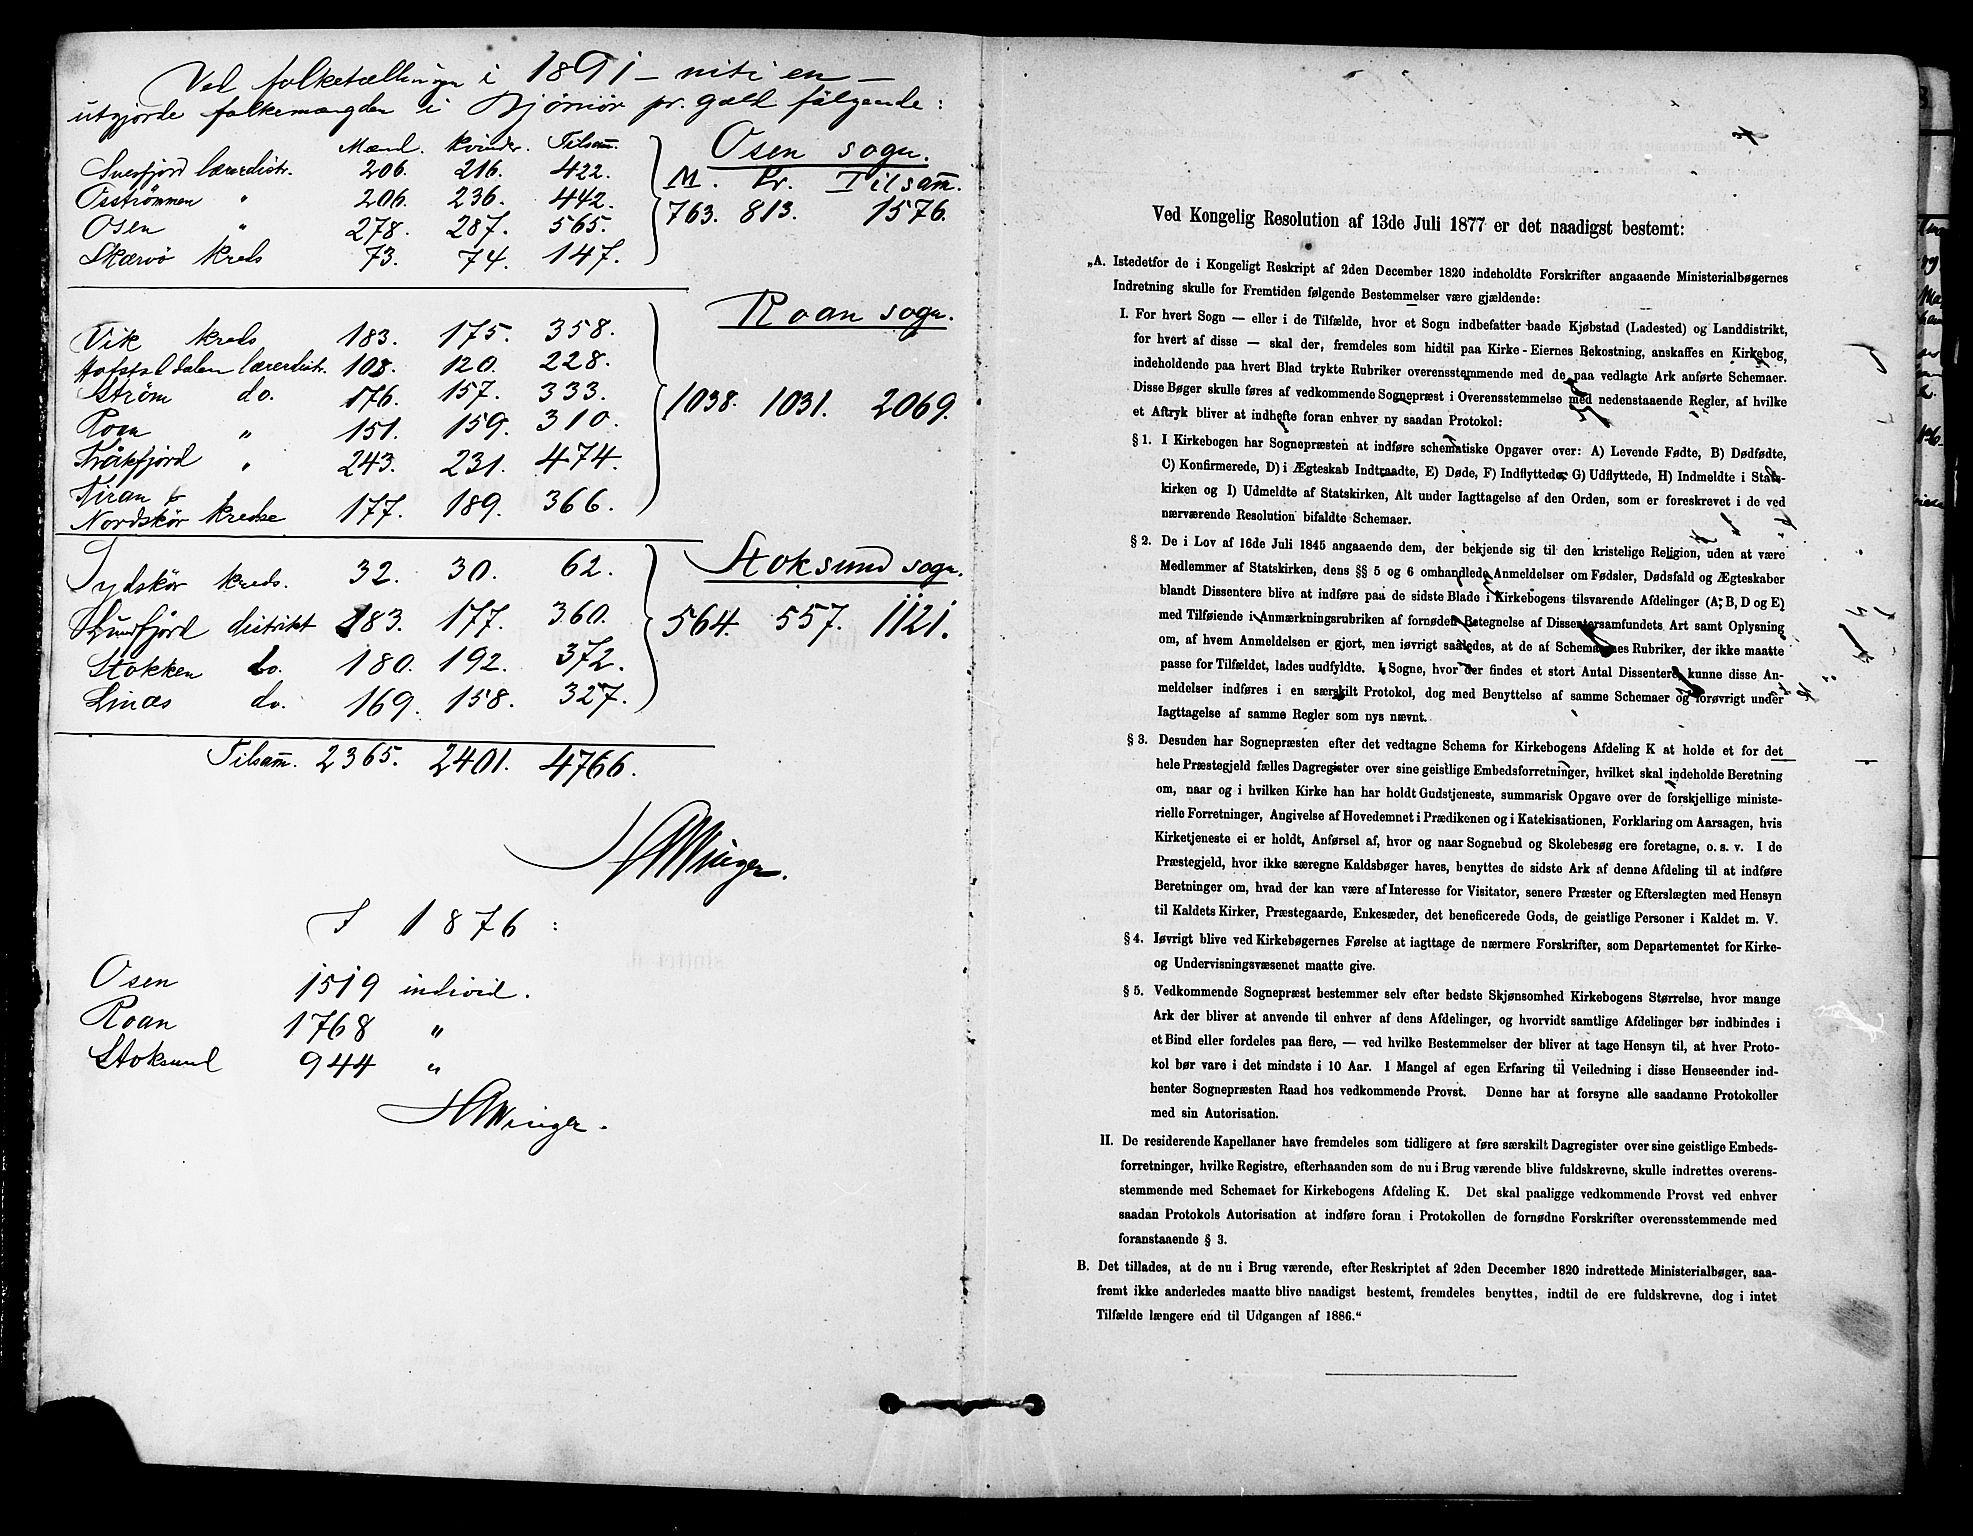 SAT, Ministerialprotokoller, klokkerbøker og fødselsregistre - Sør-Trøndelag, 657/L0707: Parish register (official) no. 657A08, 1879-1893